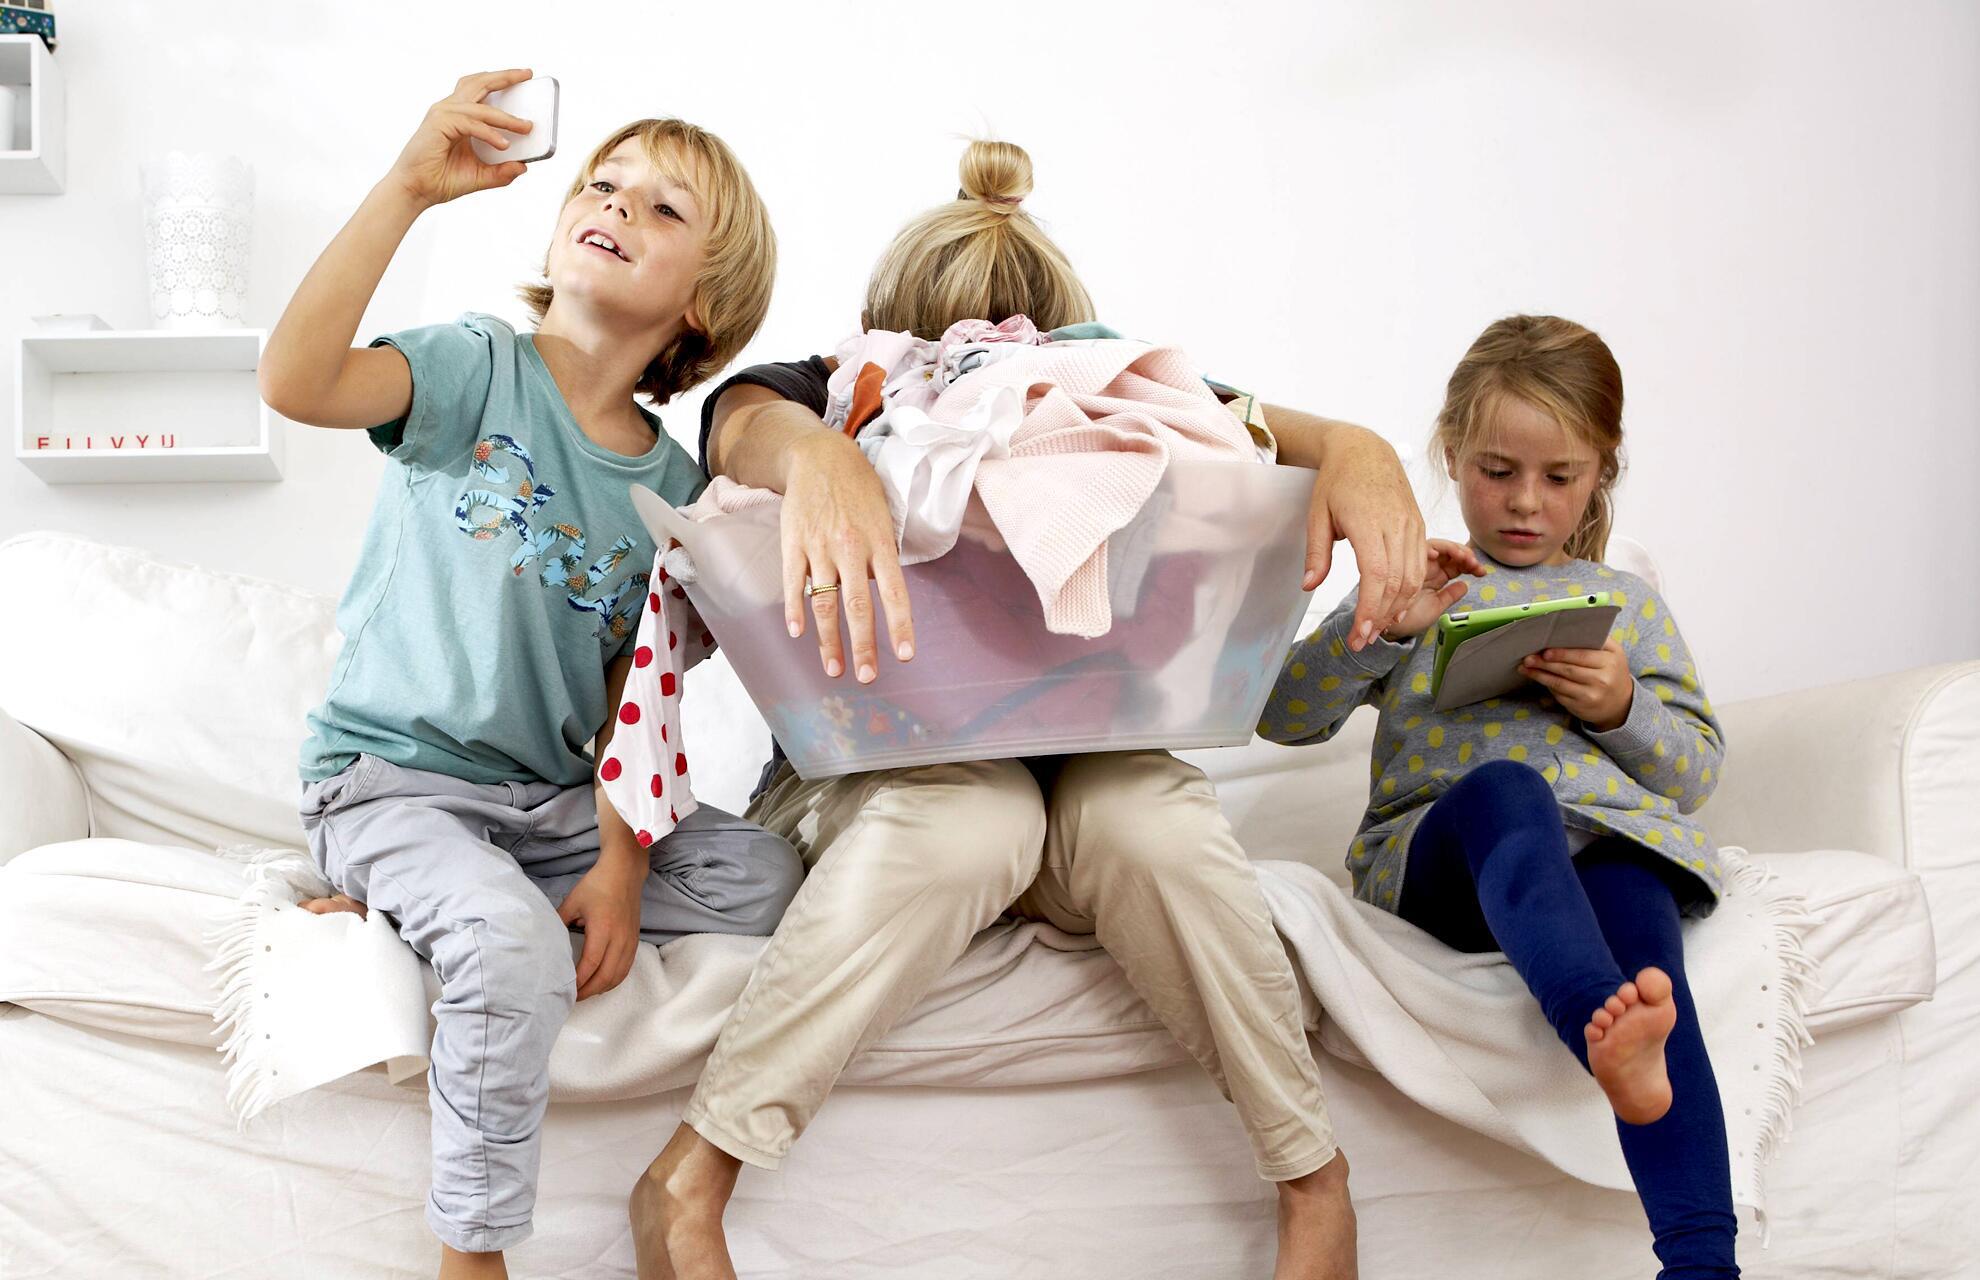 Bild zu Mutter verzweifelt mit Kindern